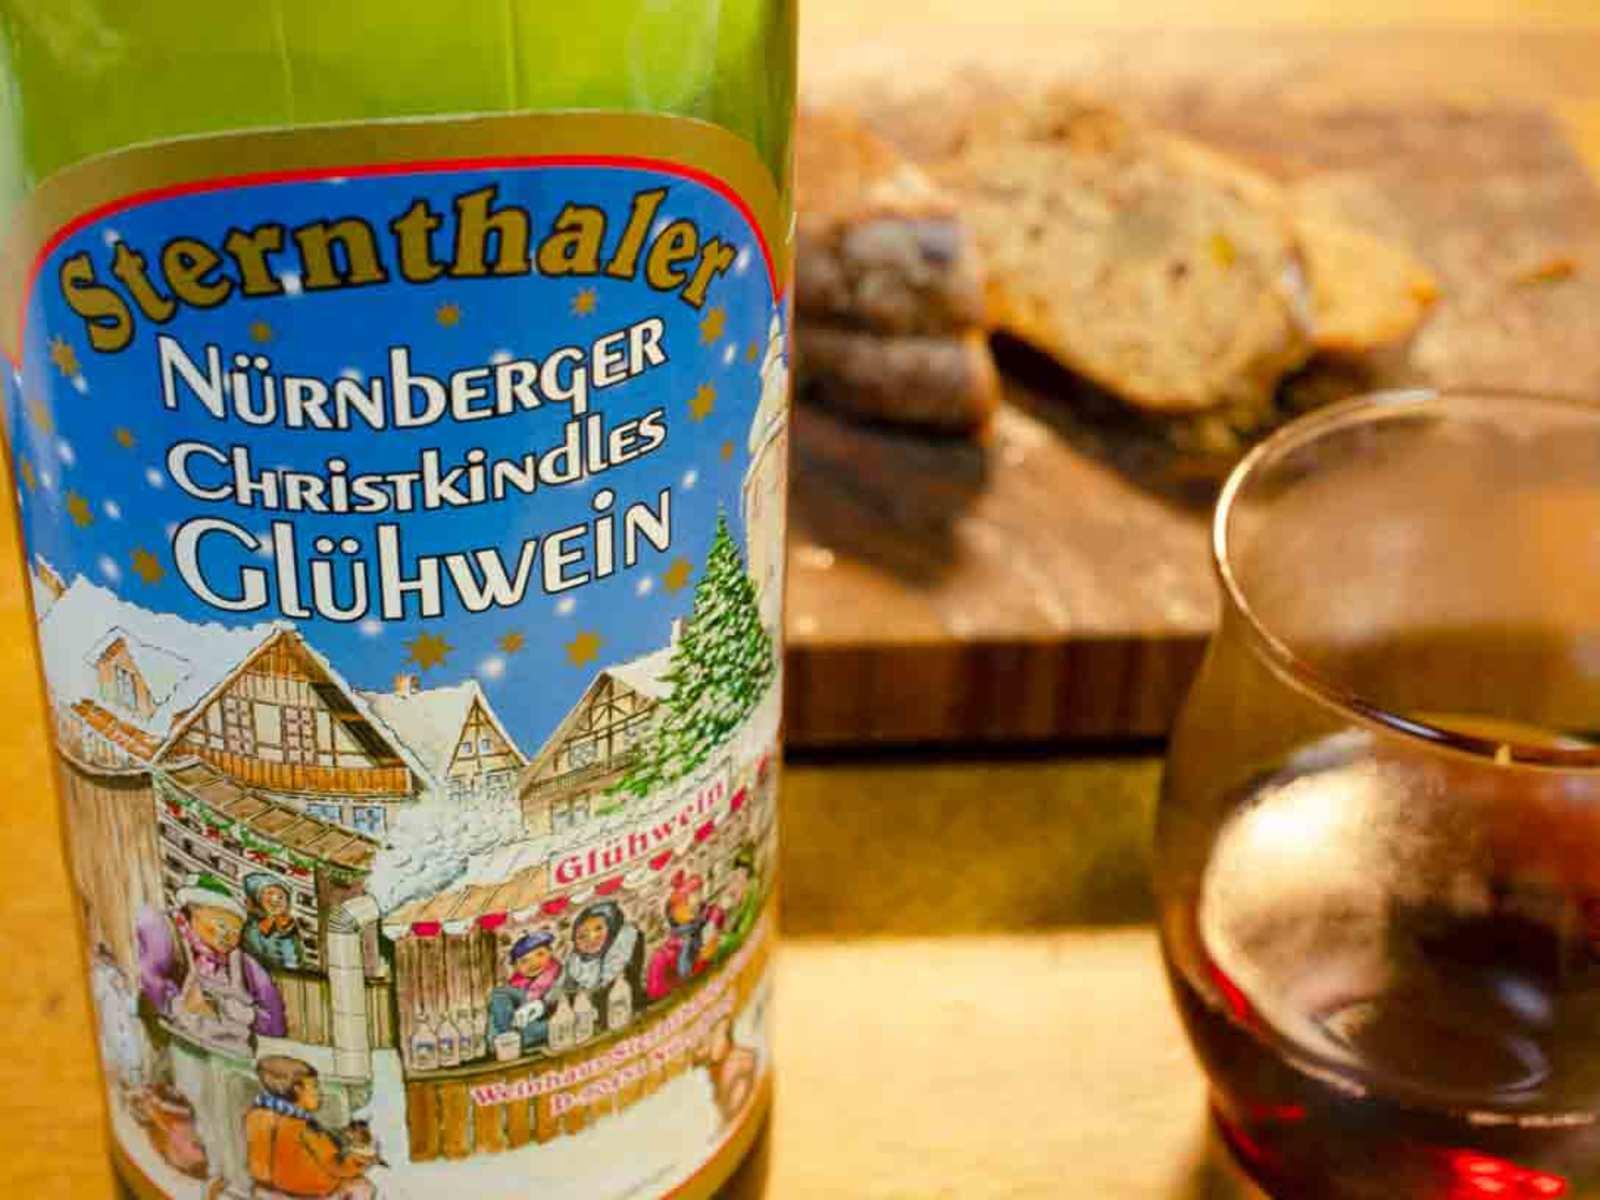 シュテルンターラー グリューワイン